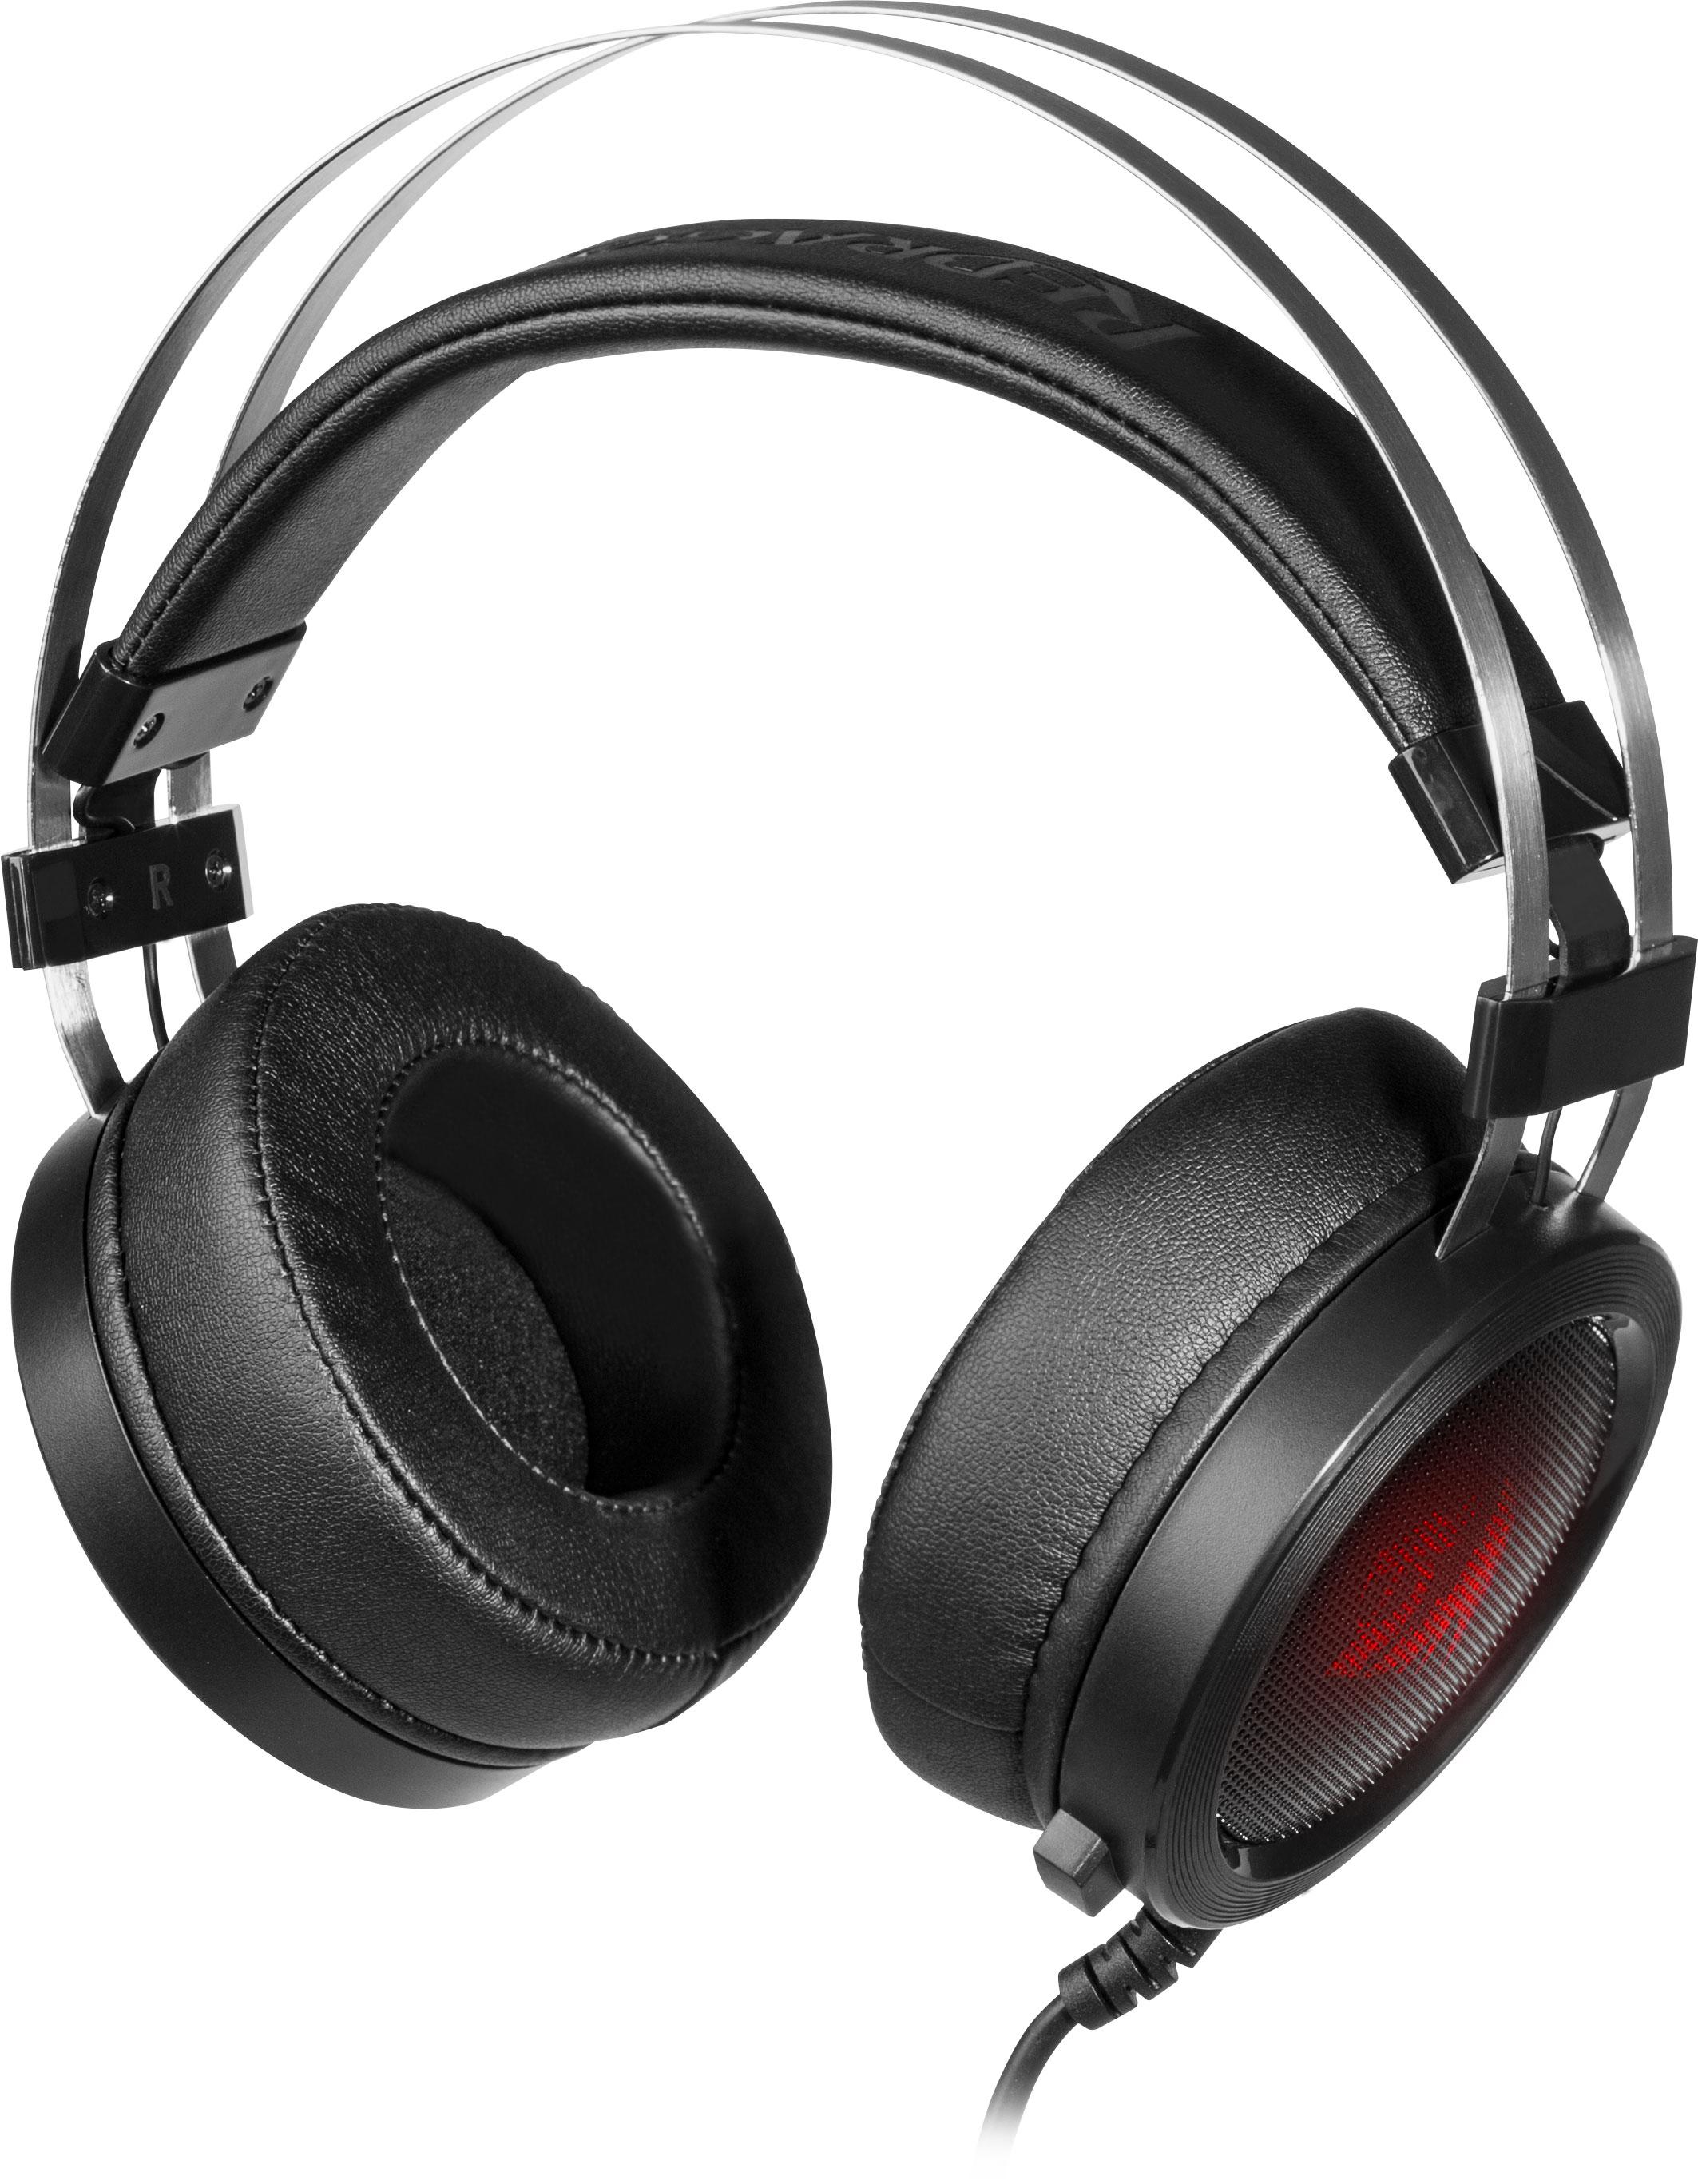 Игровая гарнитура Redragon Scylla черный+красный, кабель 2 м